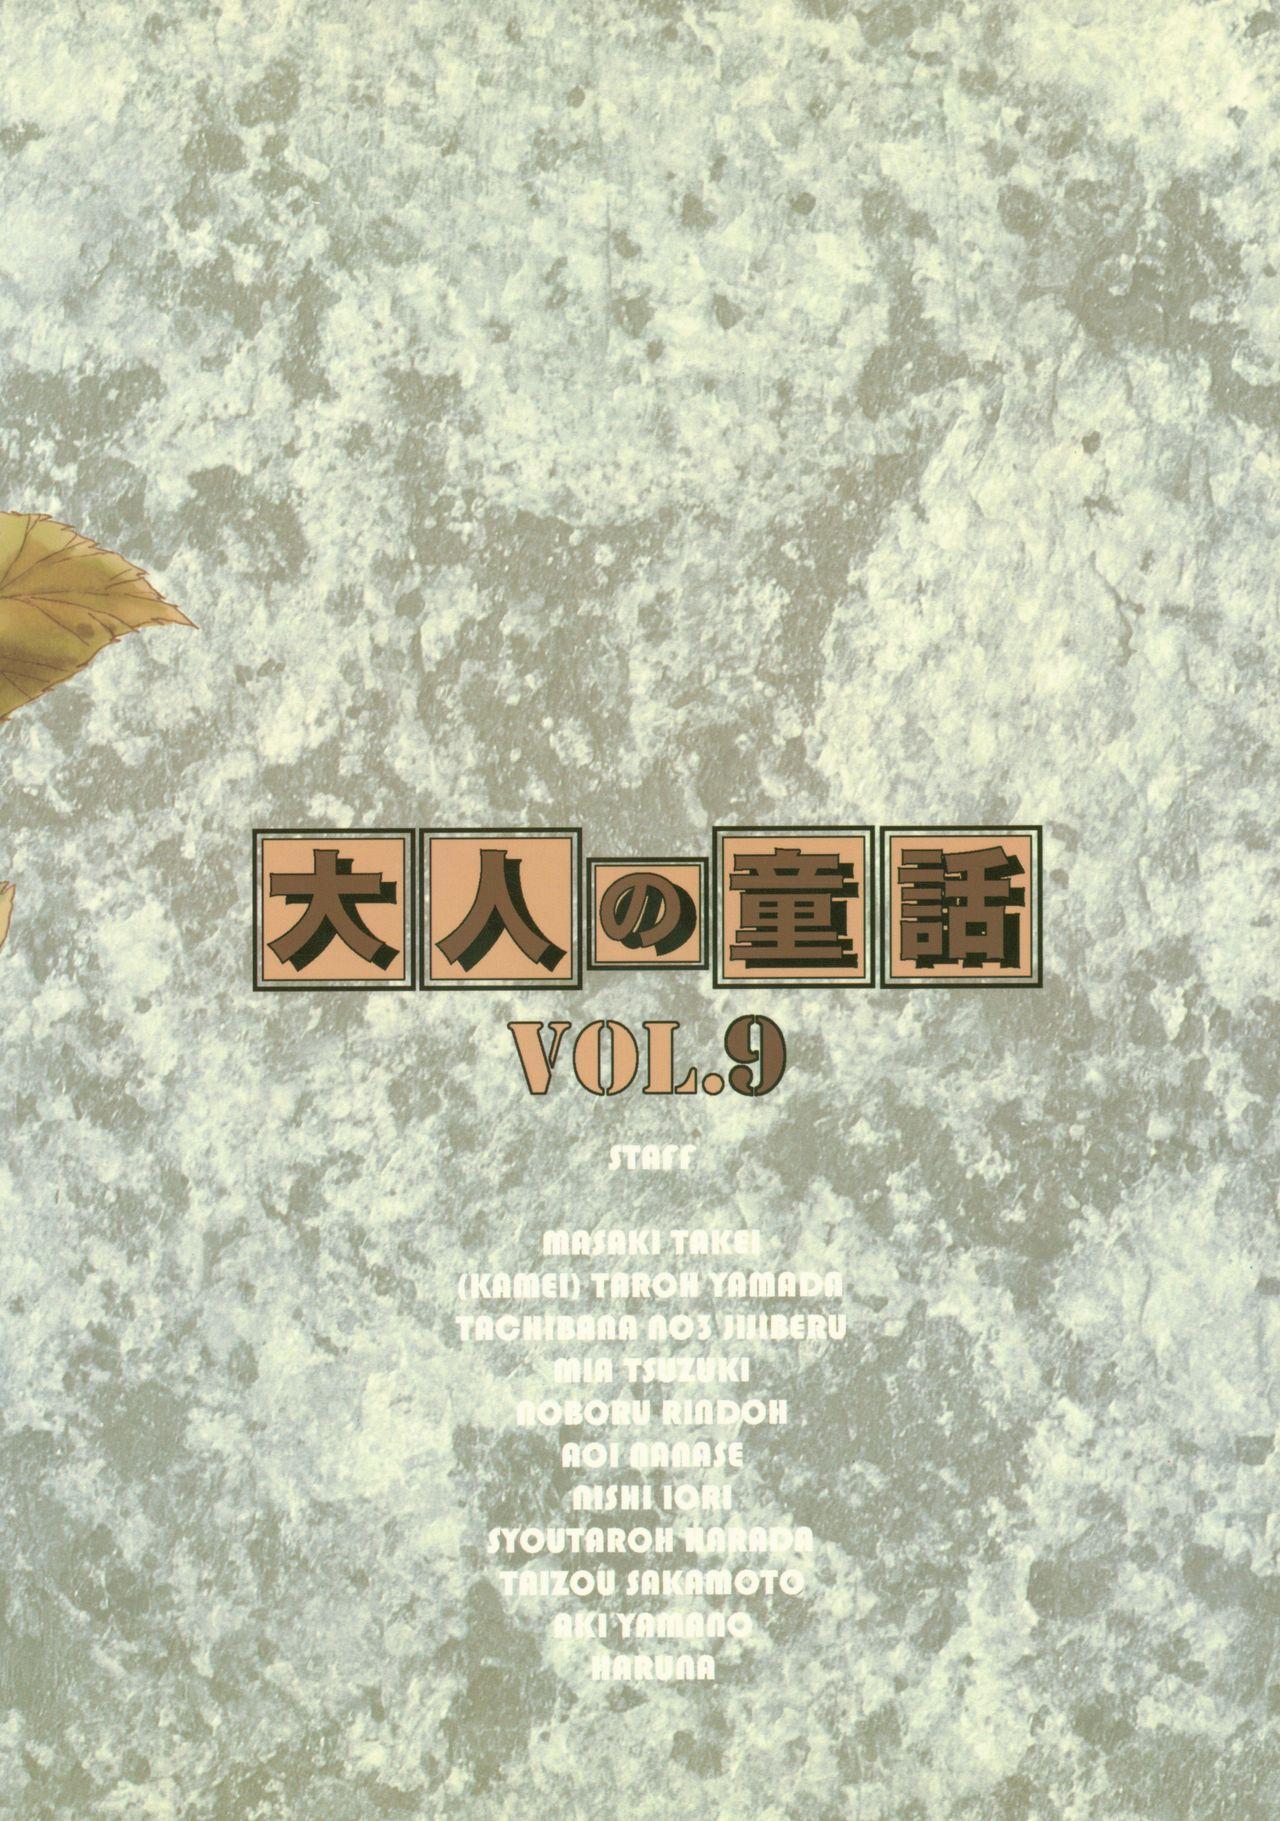 Otonano Do-wa Vol. 9 83